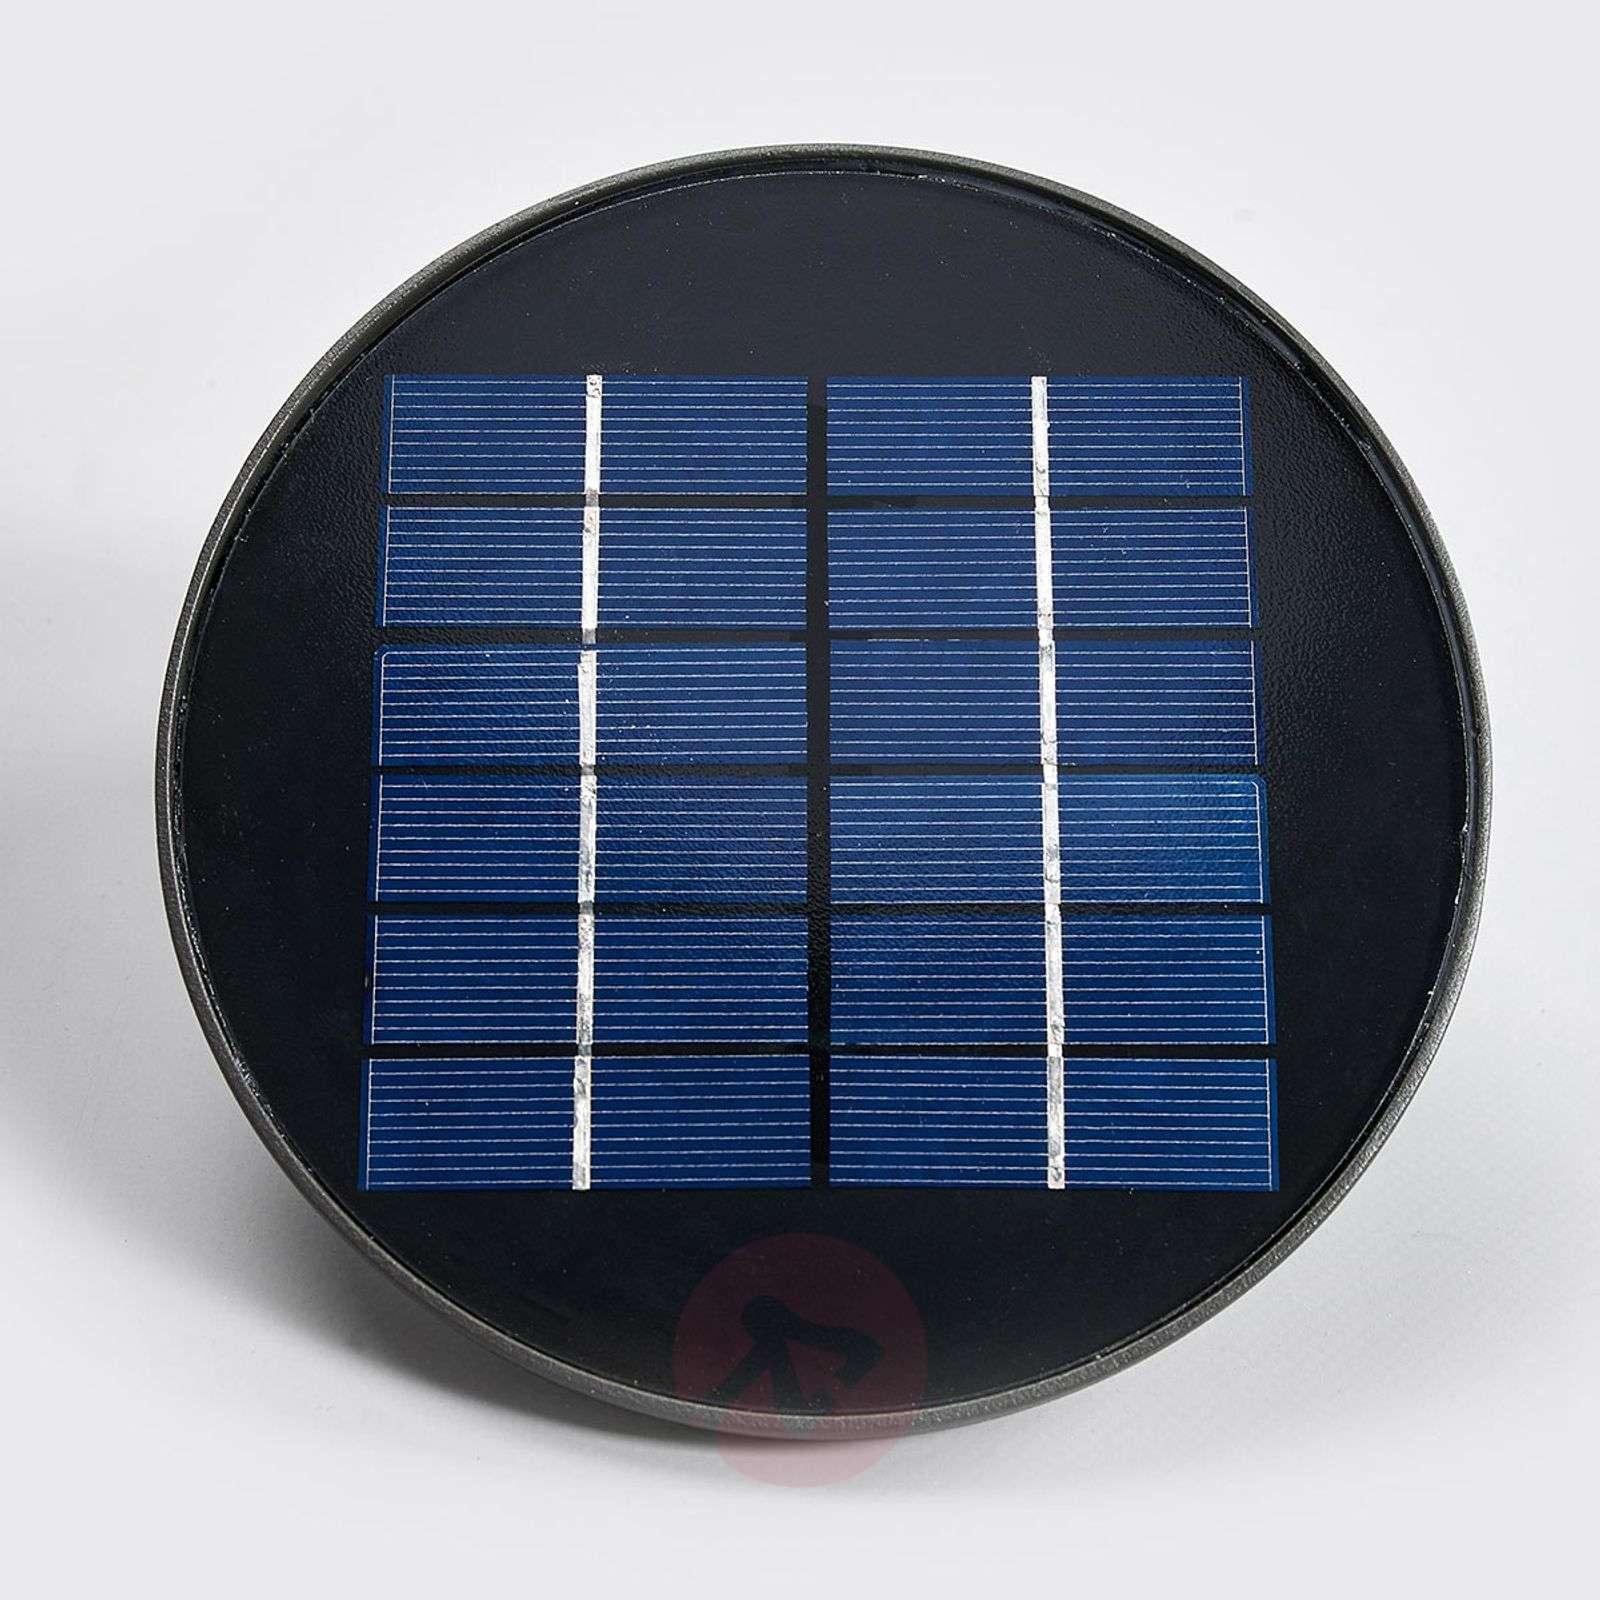 Aurinkokäyttöinen Dusk-LED-ulkoseinävalo, antr.-7531548-01